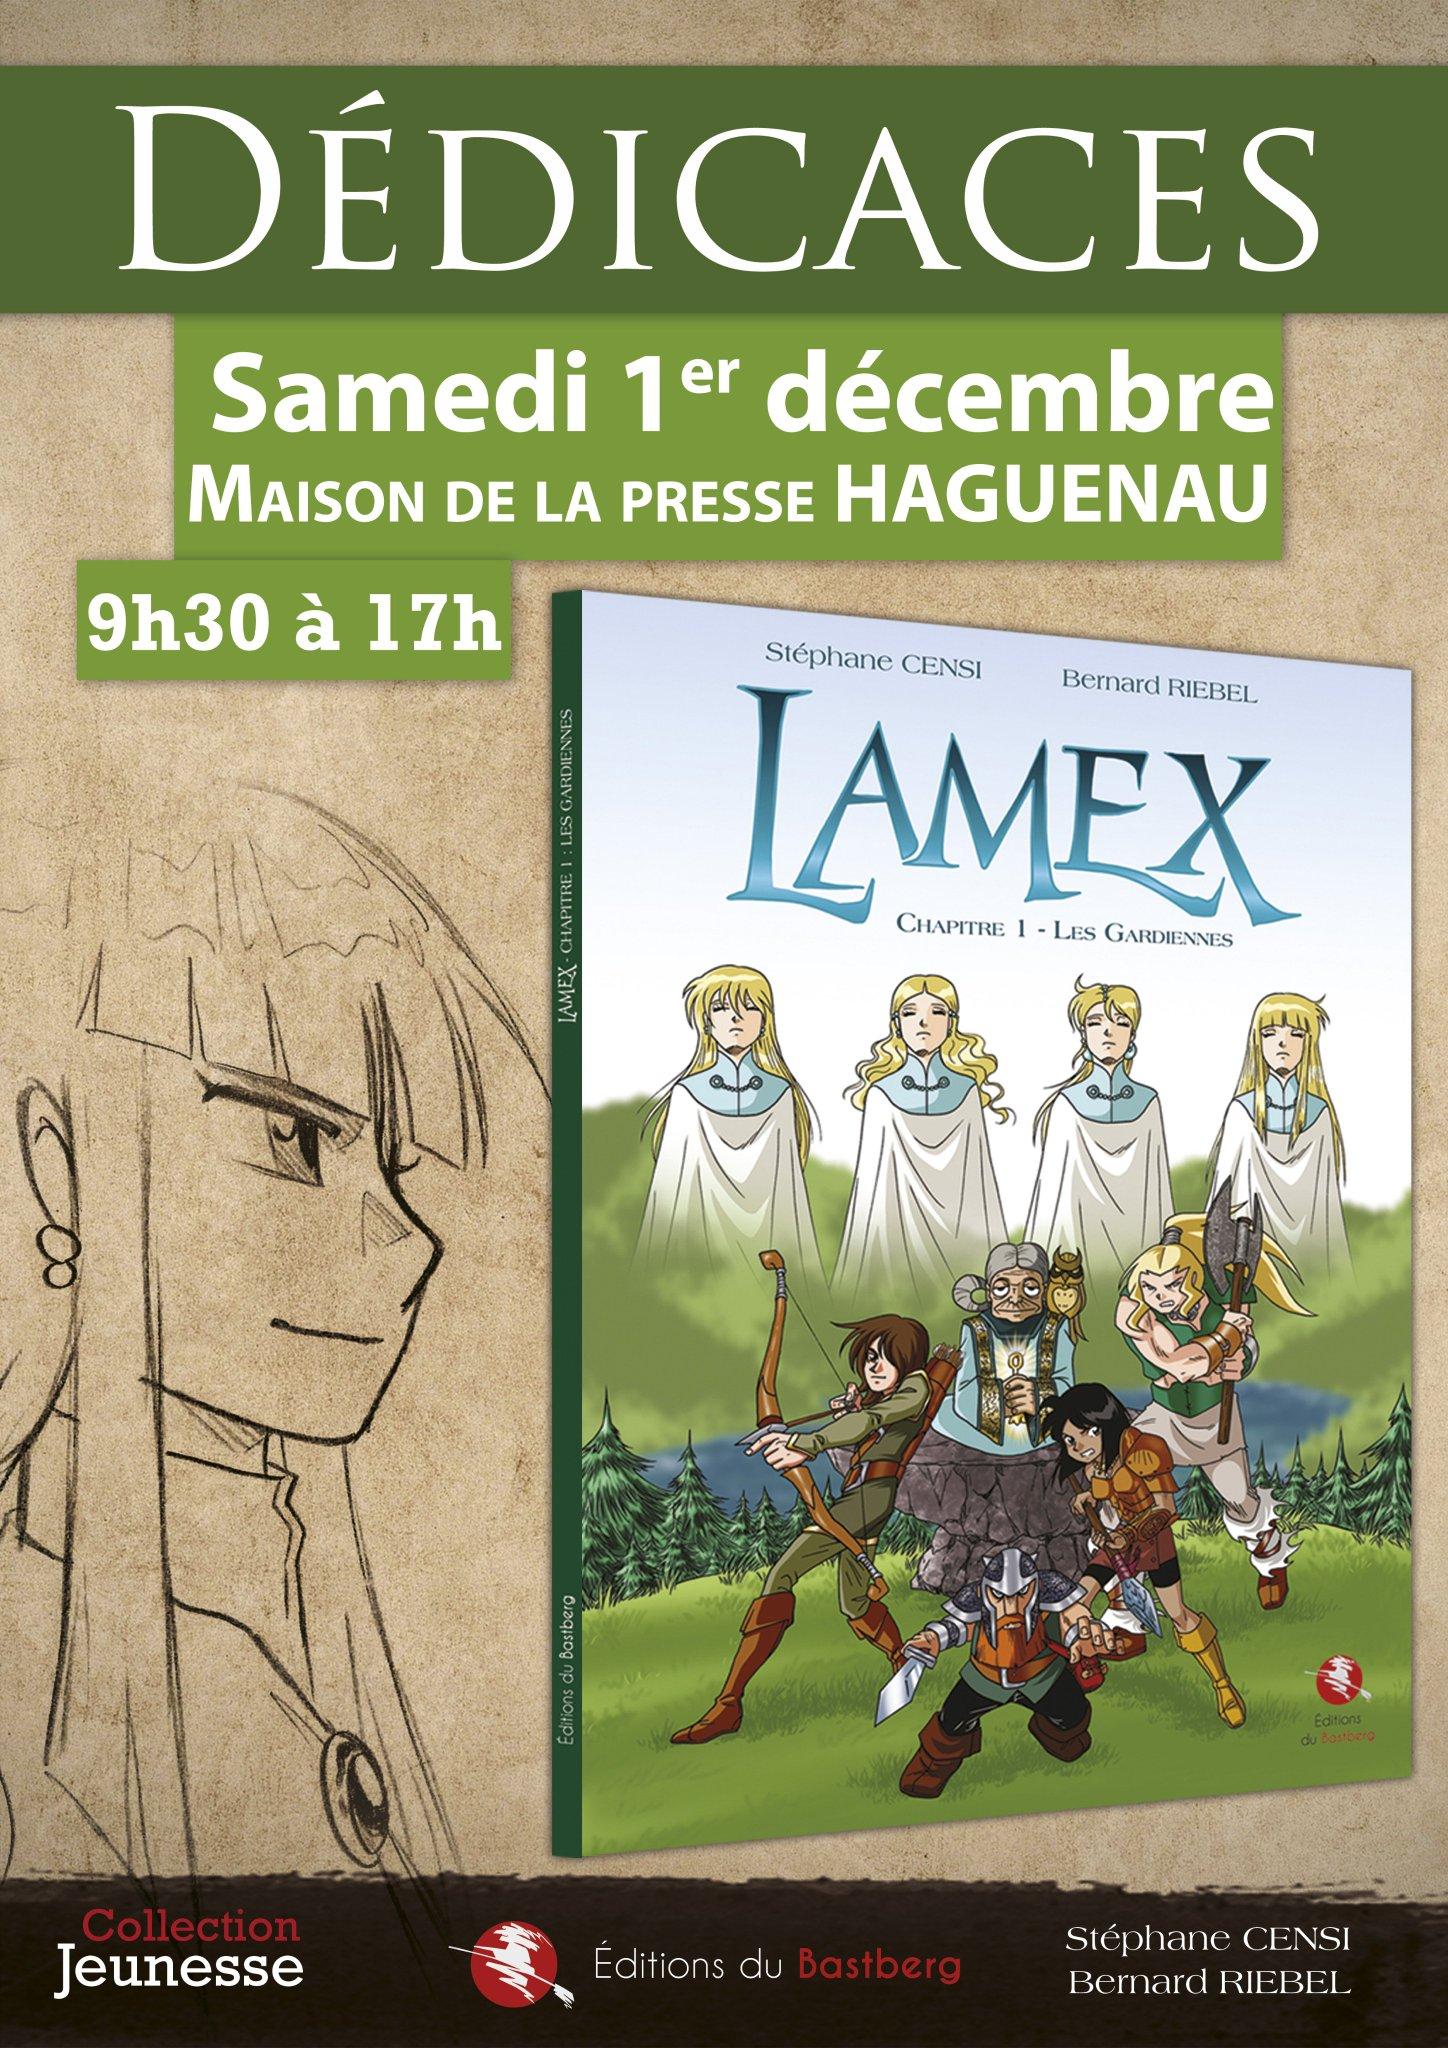 Stephanecensi Art On Twitter Dedicace De Lamex A La Maison De La Presse De Haguenau Le 01 12 18